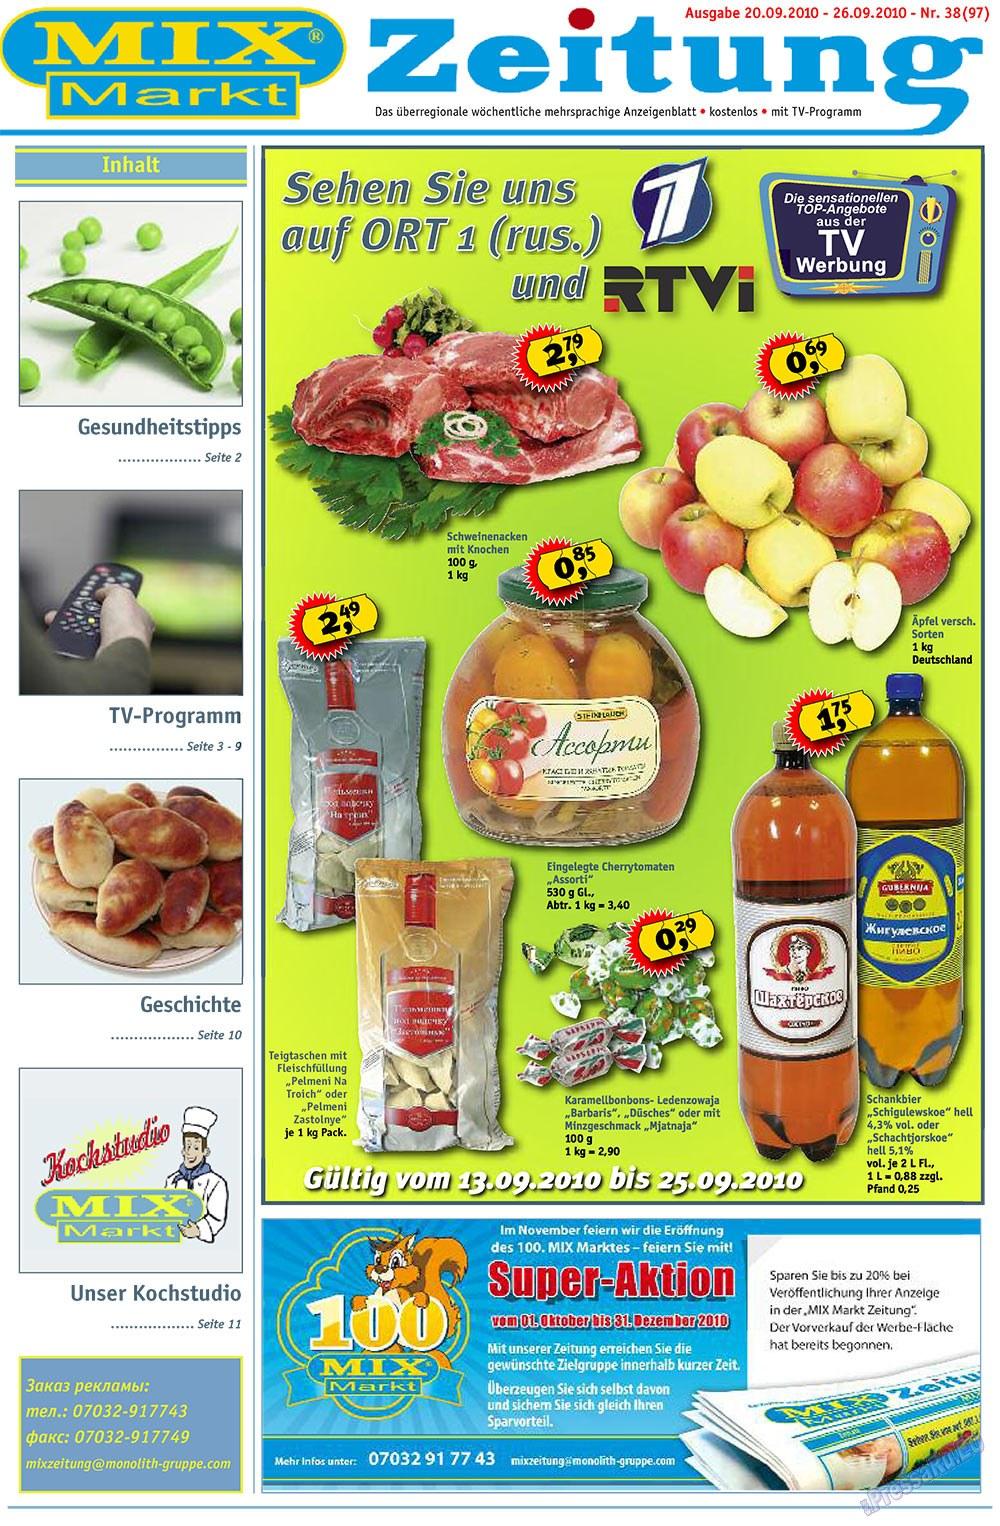 MIX-Markt Zeitung (газета). 2010 год, номер 38, стр. 1